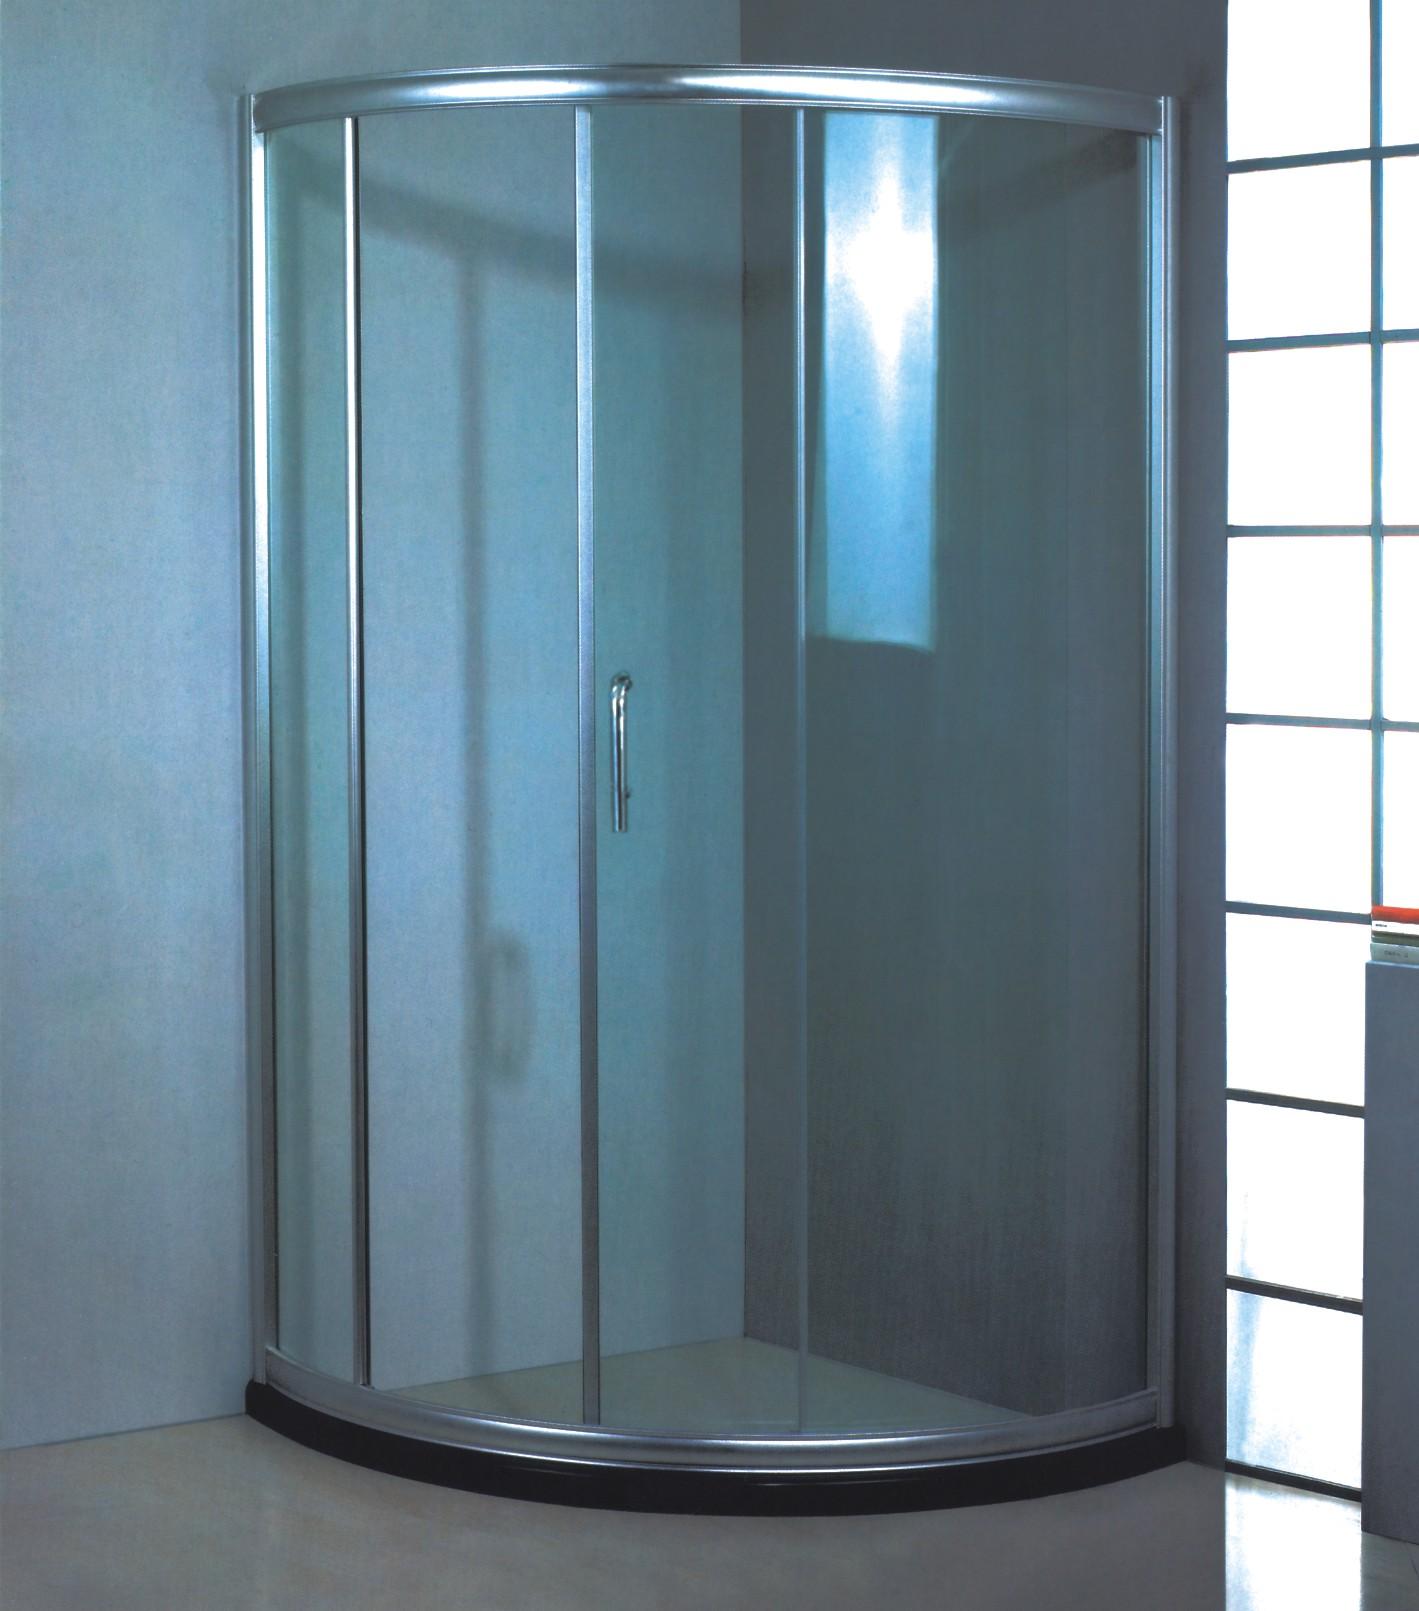 淋浴屏效果图 淋浴间效果图 淋浴隔断效果图 淋